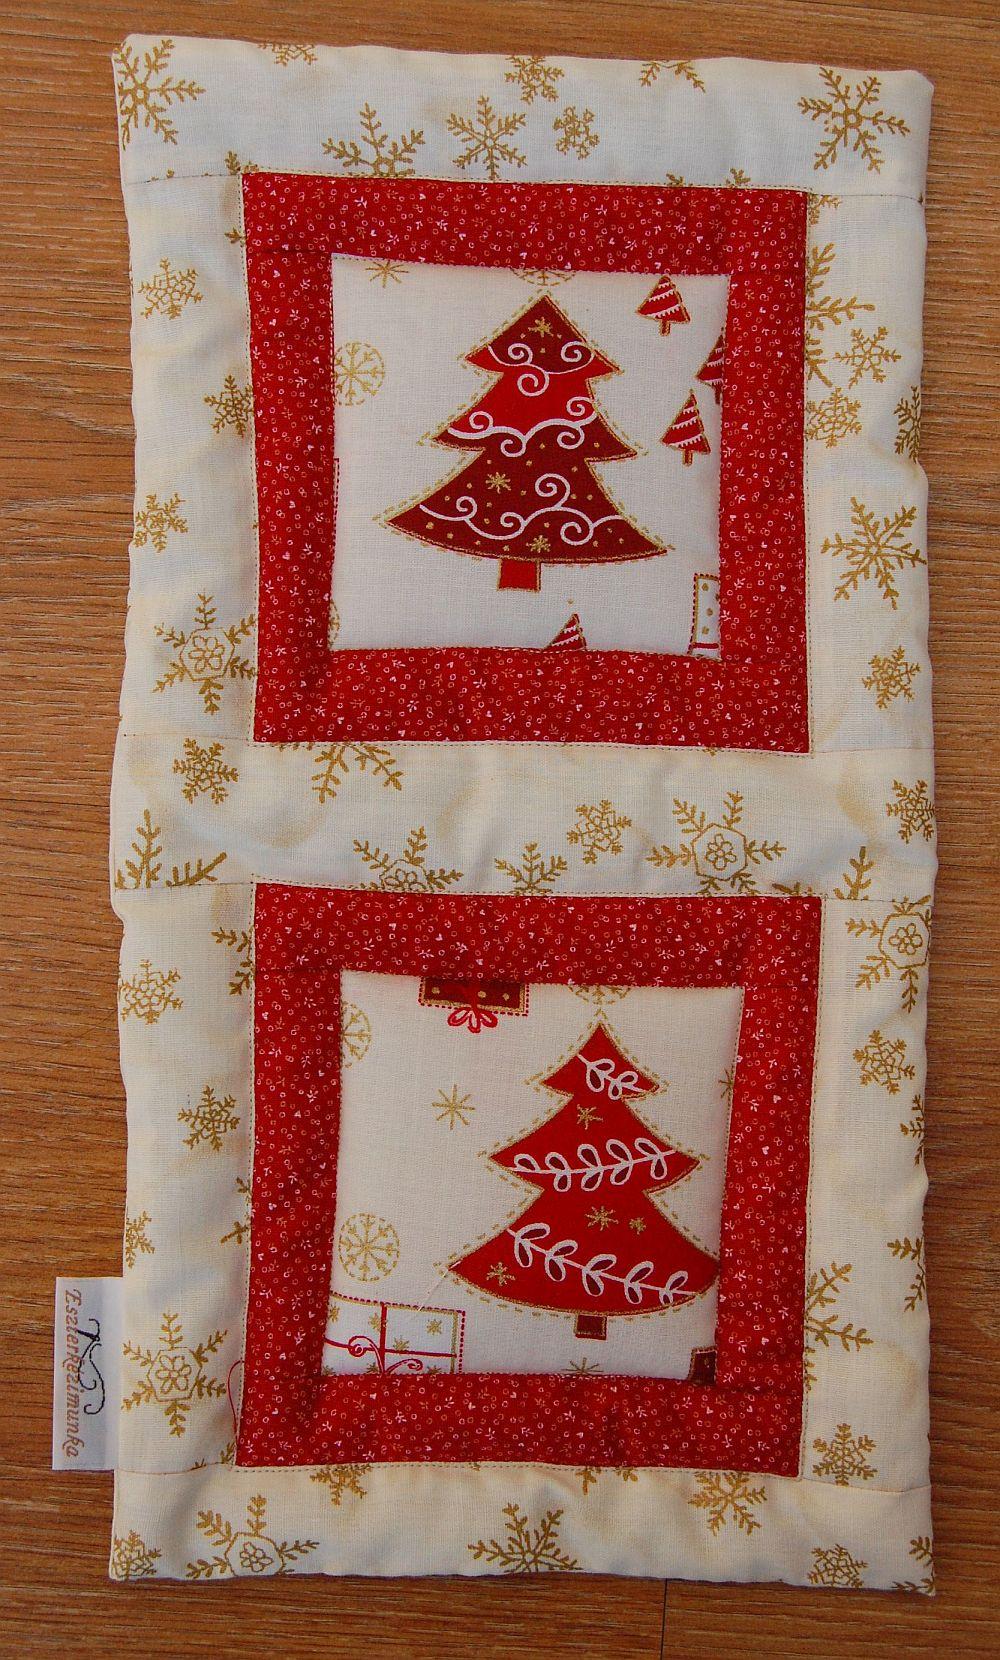 Karácsonyi kis képecske - egy és két ablakos fenyőfás